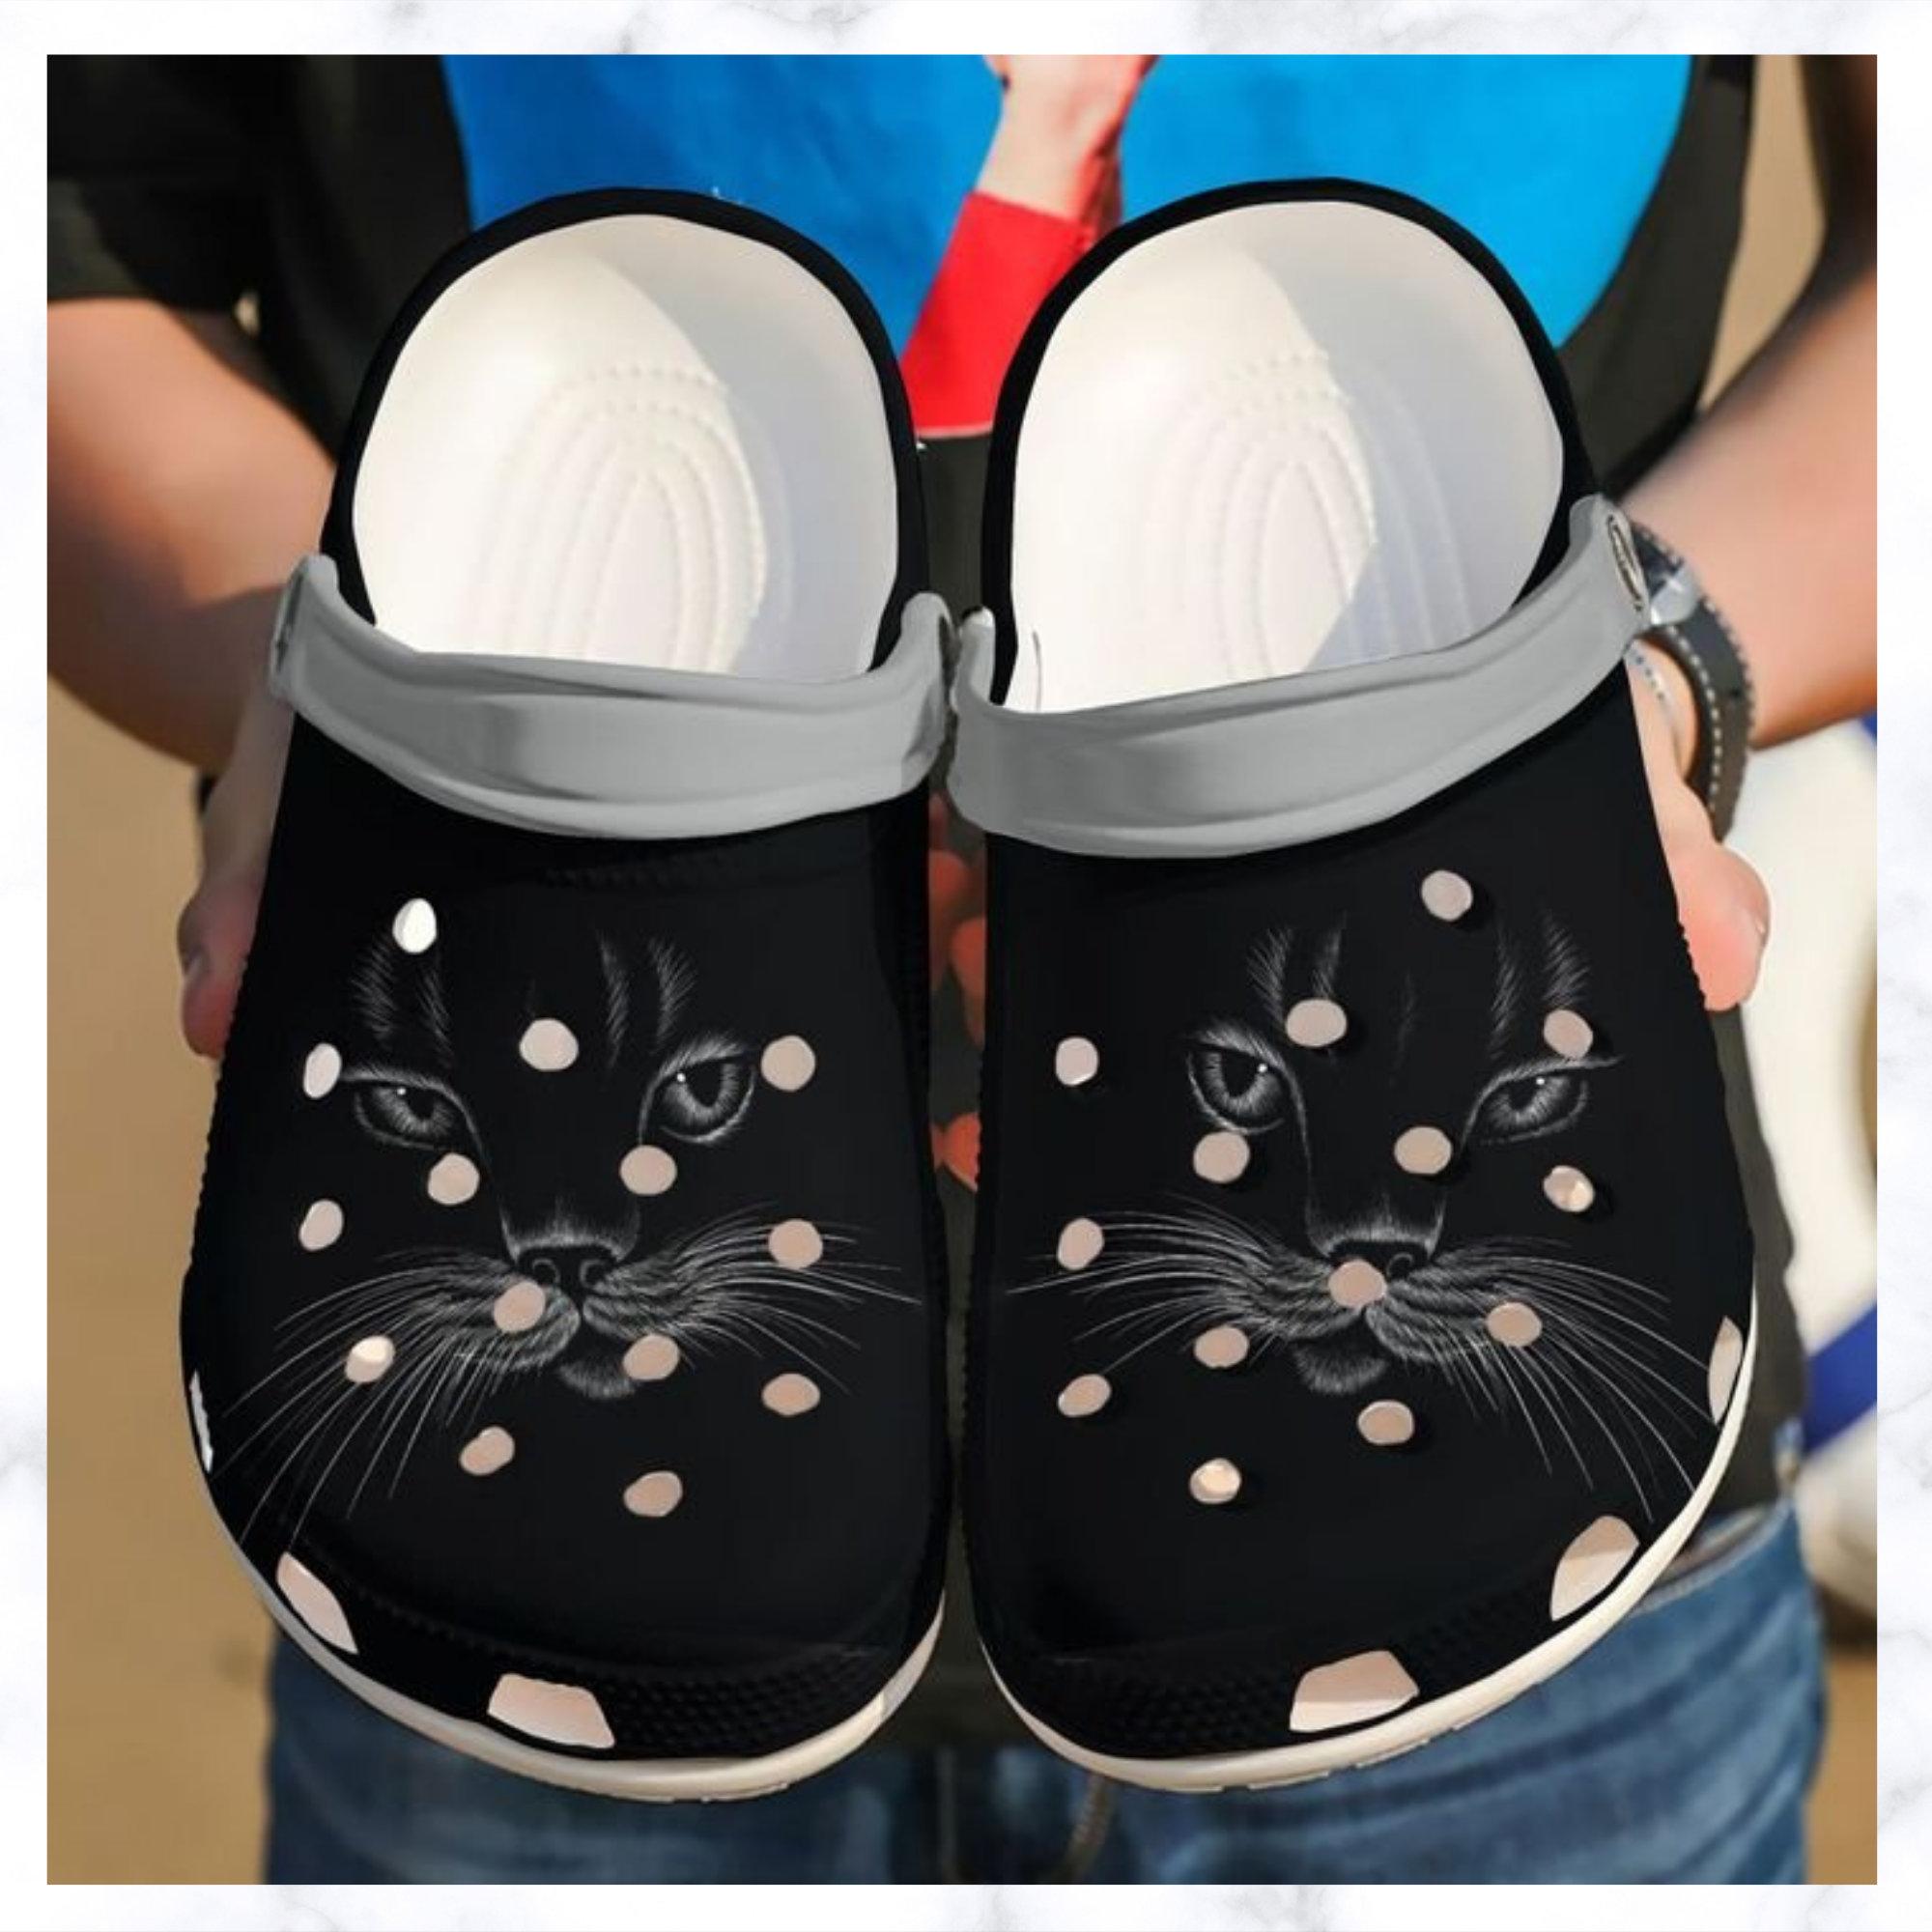 Cat Black Face Crocs Clog Shoes